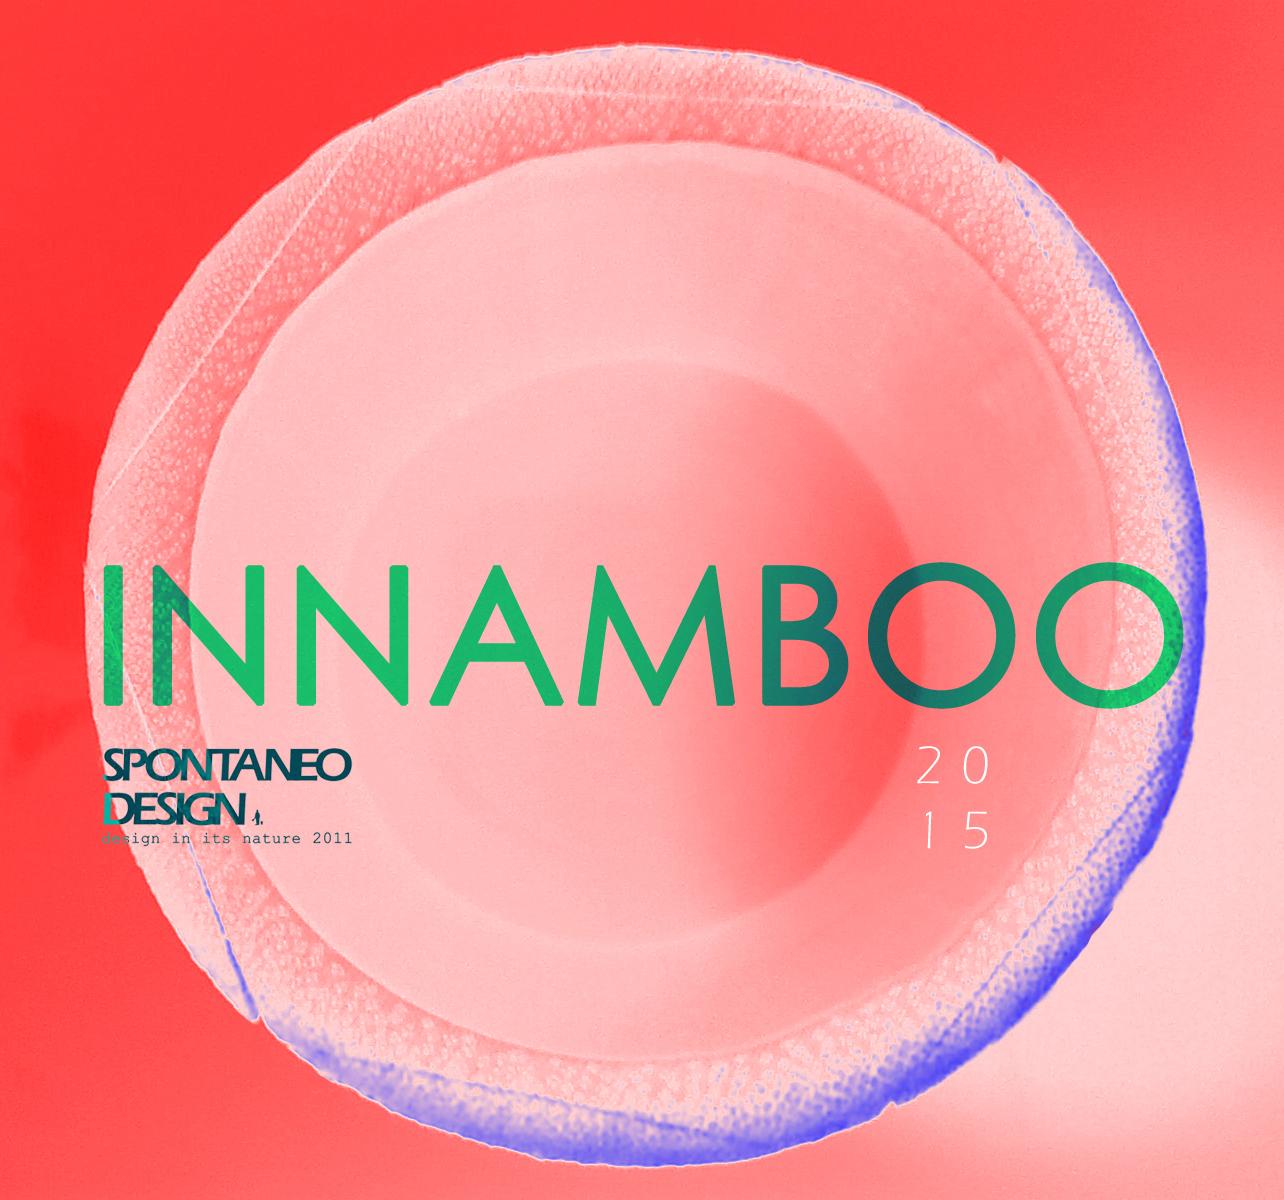 INNAMBOO - 2015